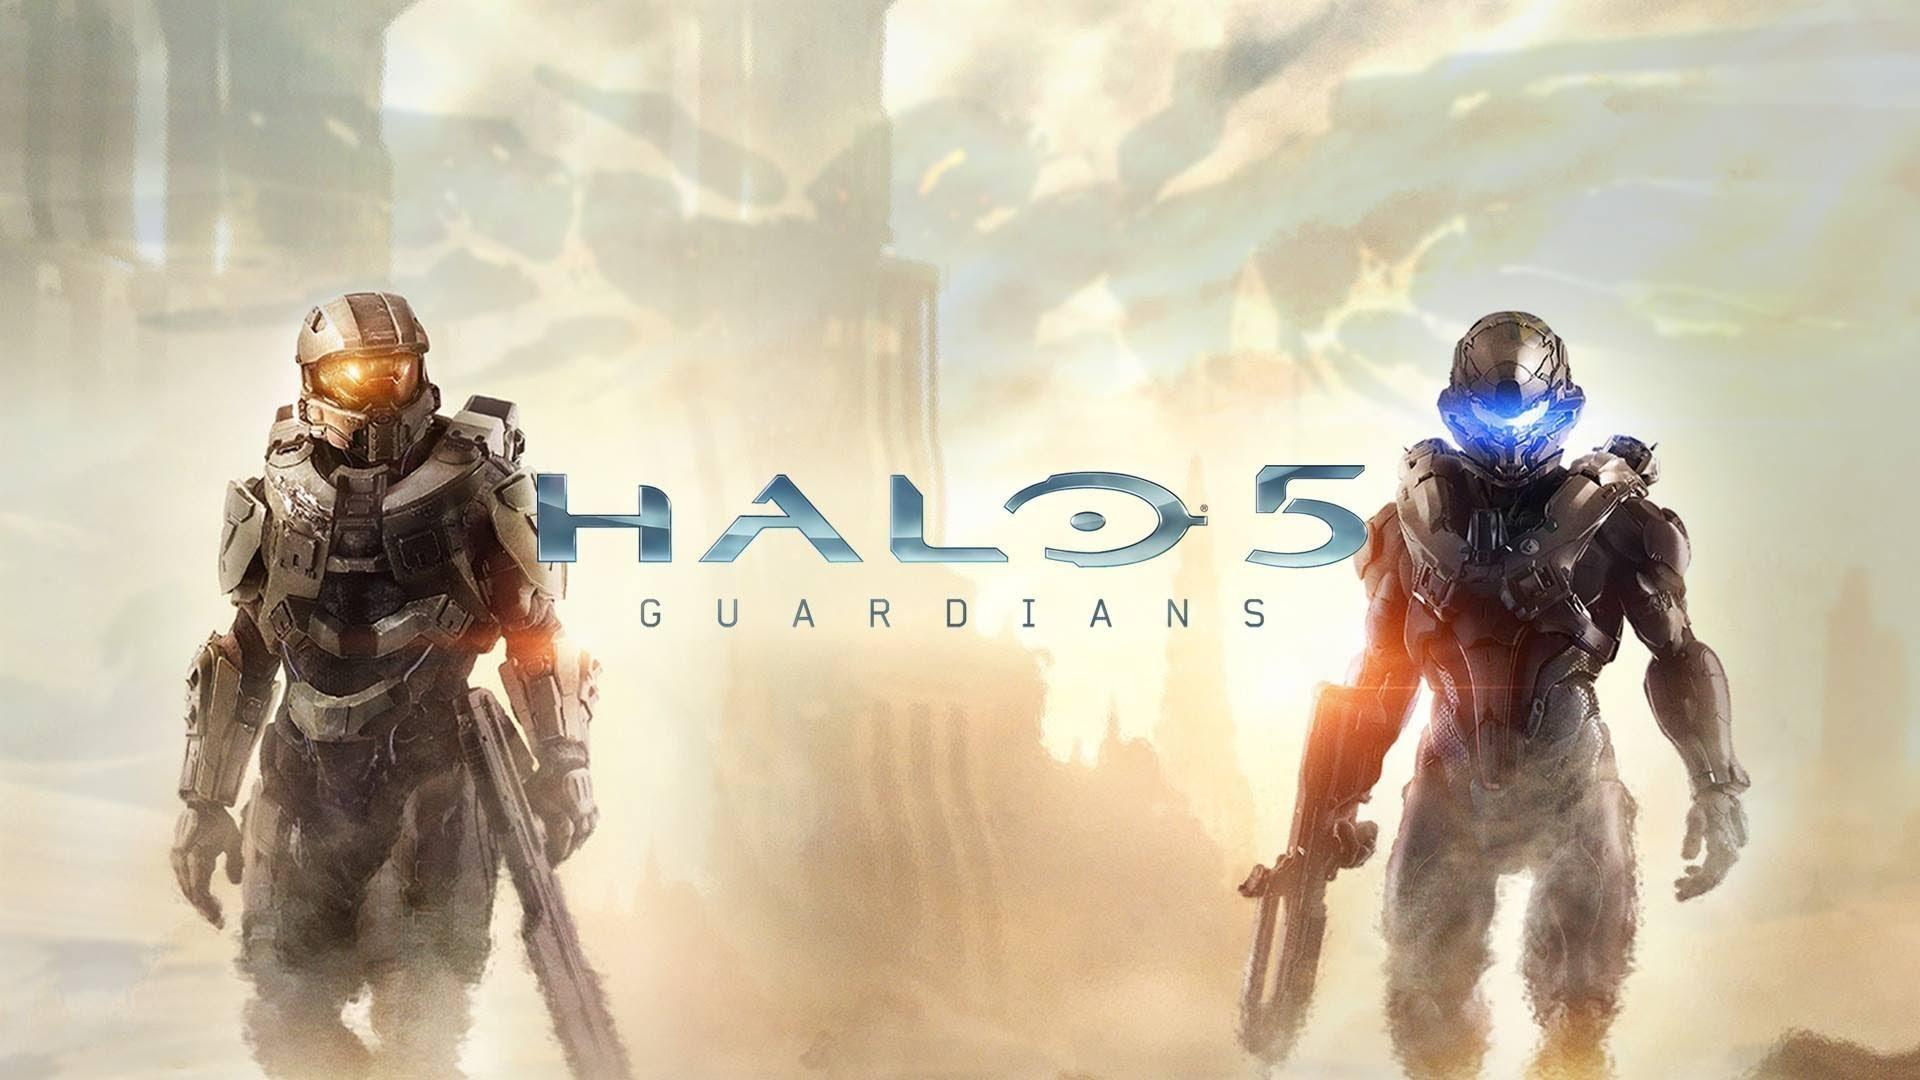 Res: 1920x1080, Halo 5 guardians wallpaper 0p images